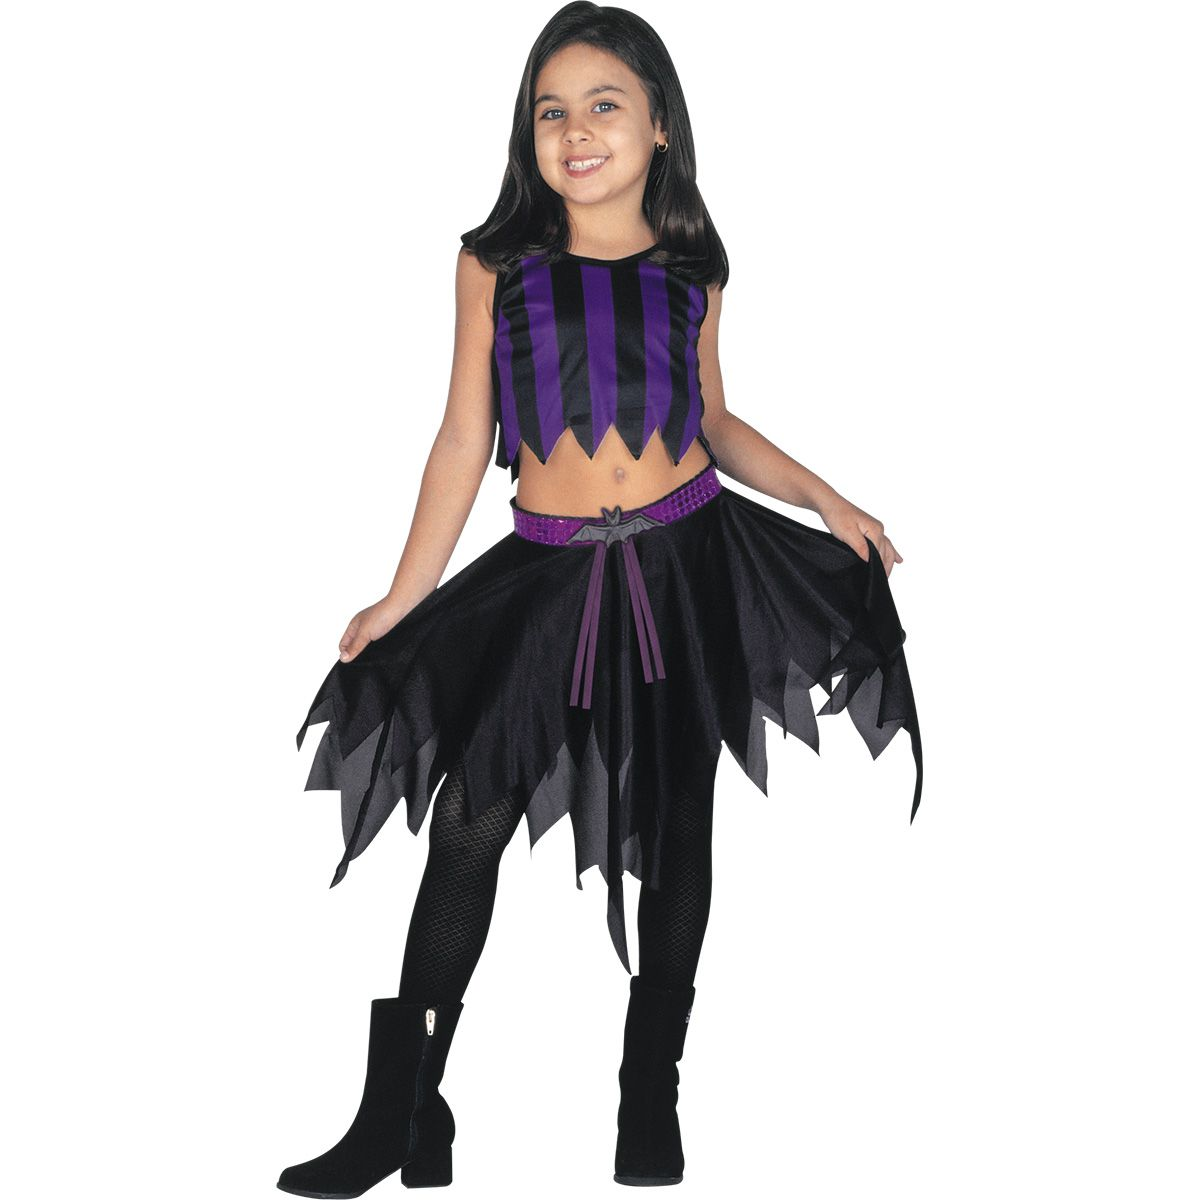 Fantasia Vampira com Morcego Infantil